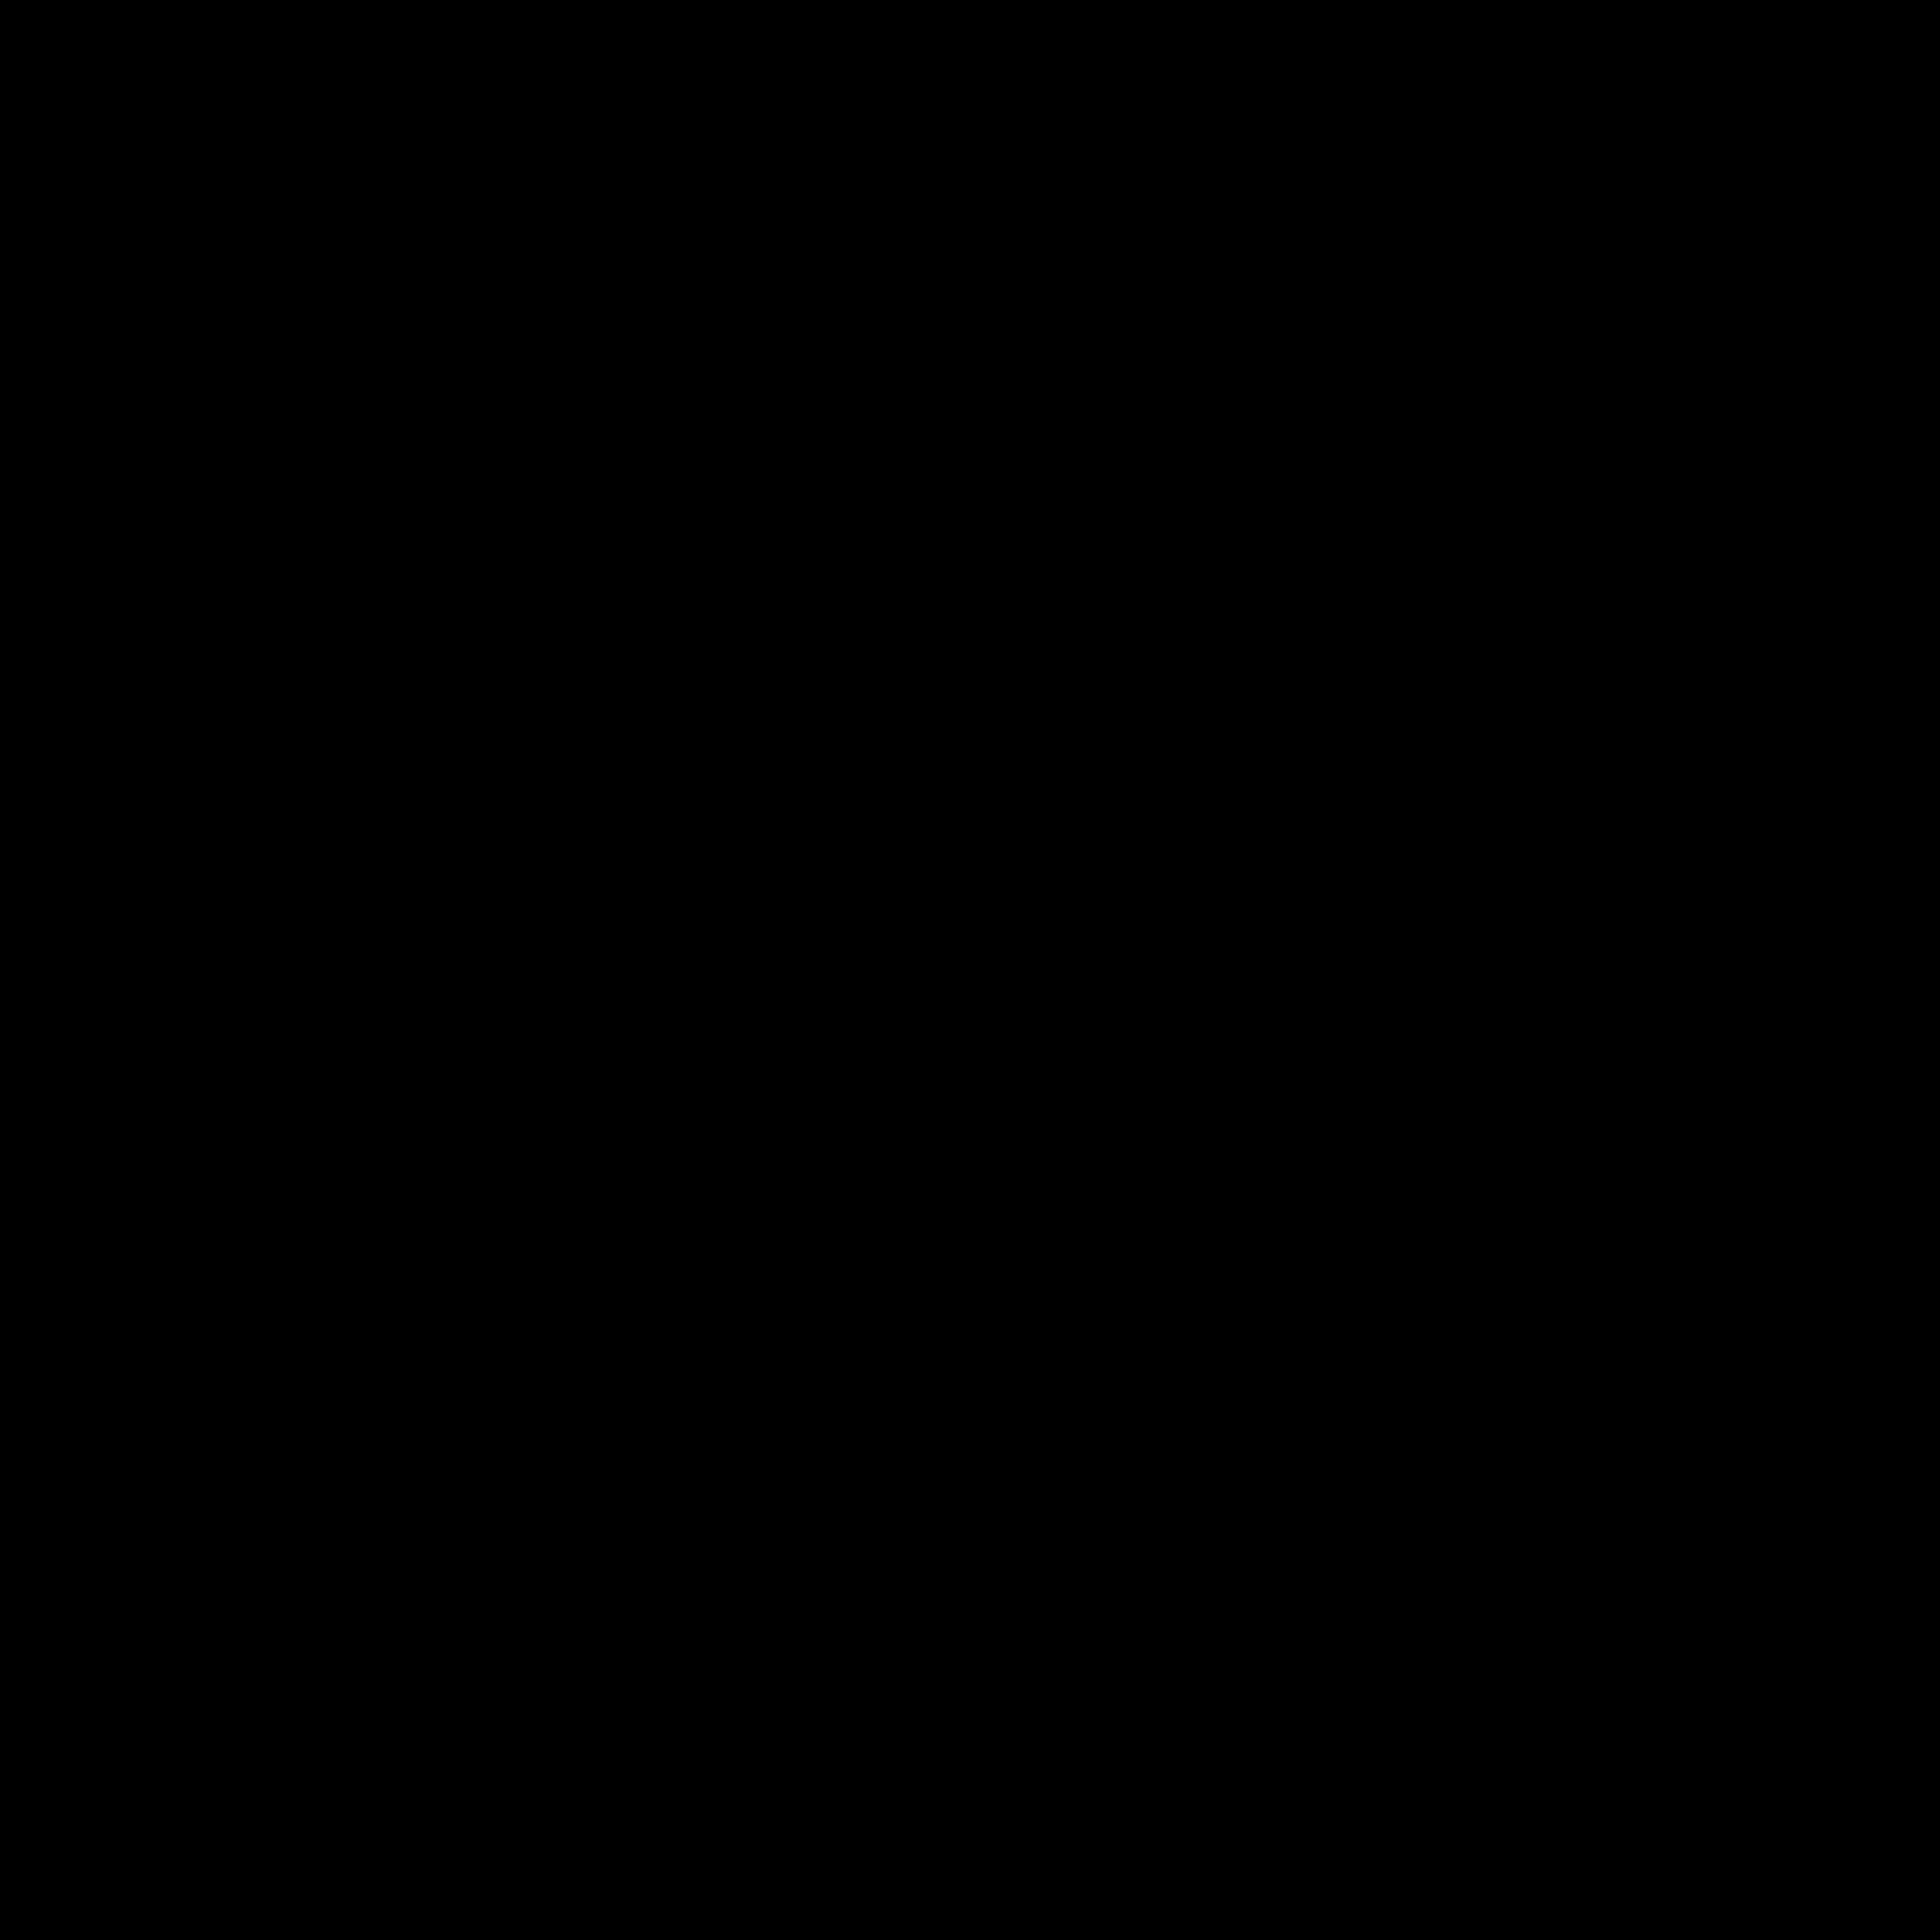 elgato logo 0 - Elgato Logo